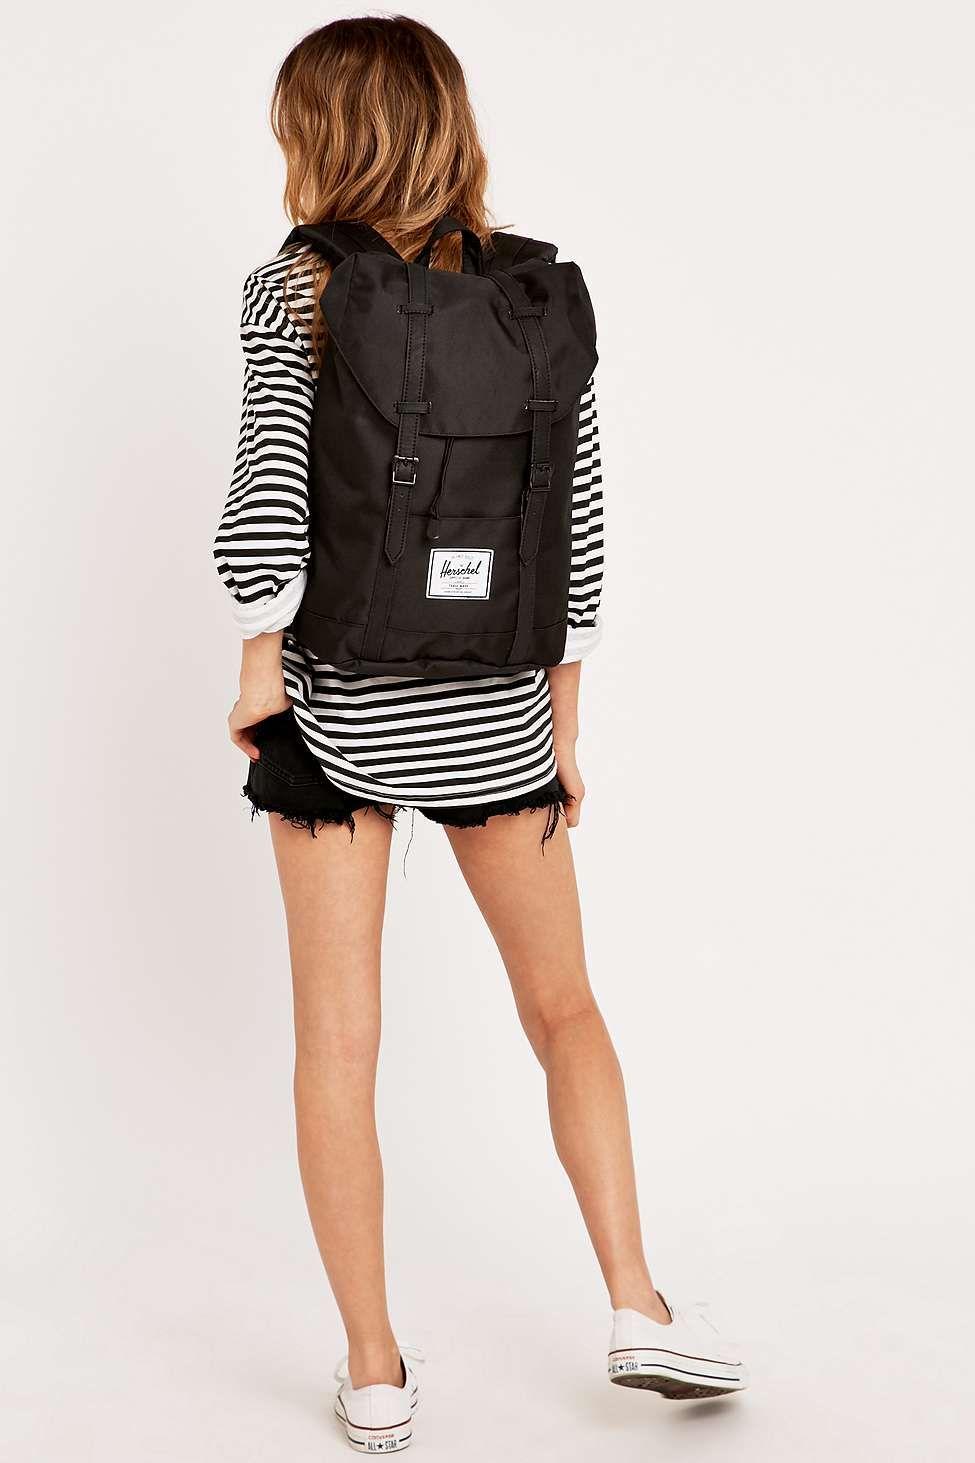 Herschel Supply co. Retreat Backpack in Black  305d0b71e3424